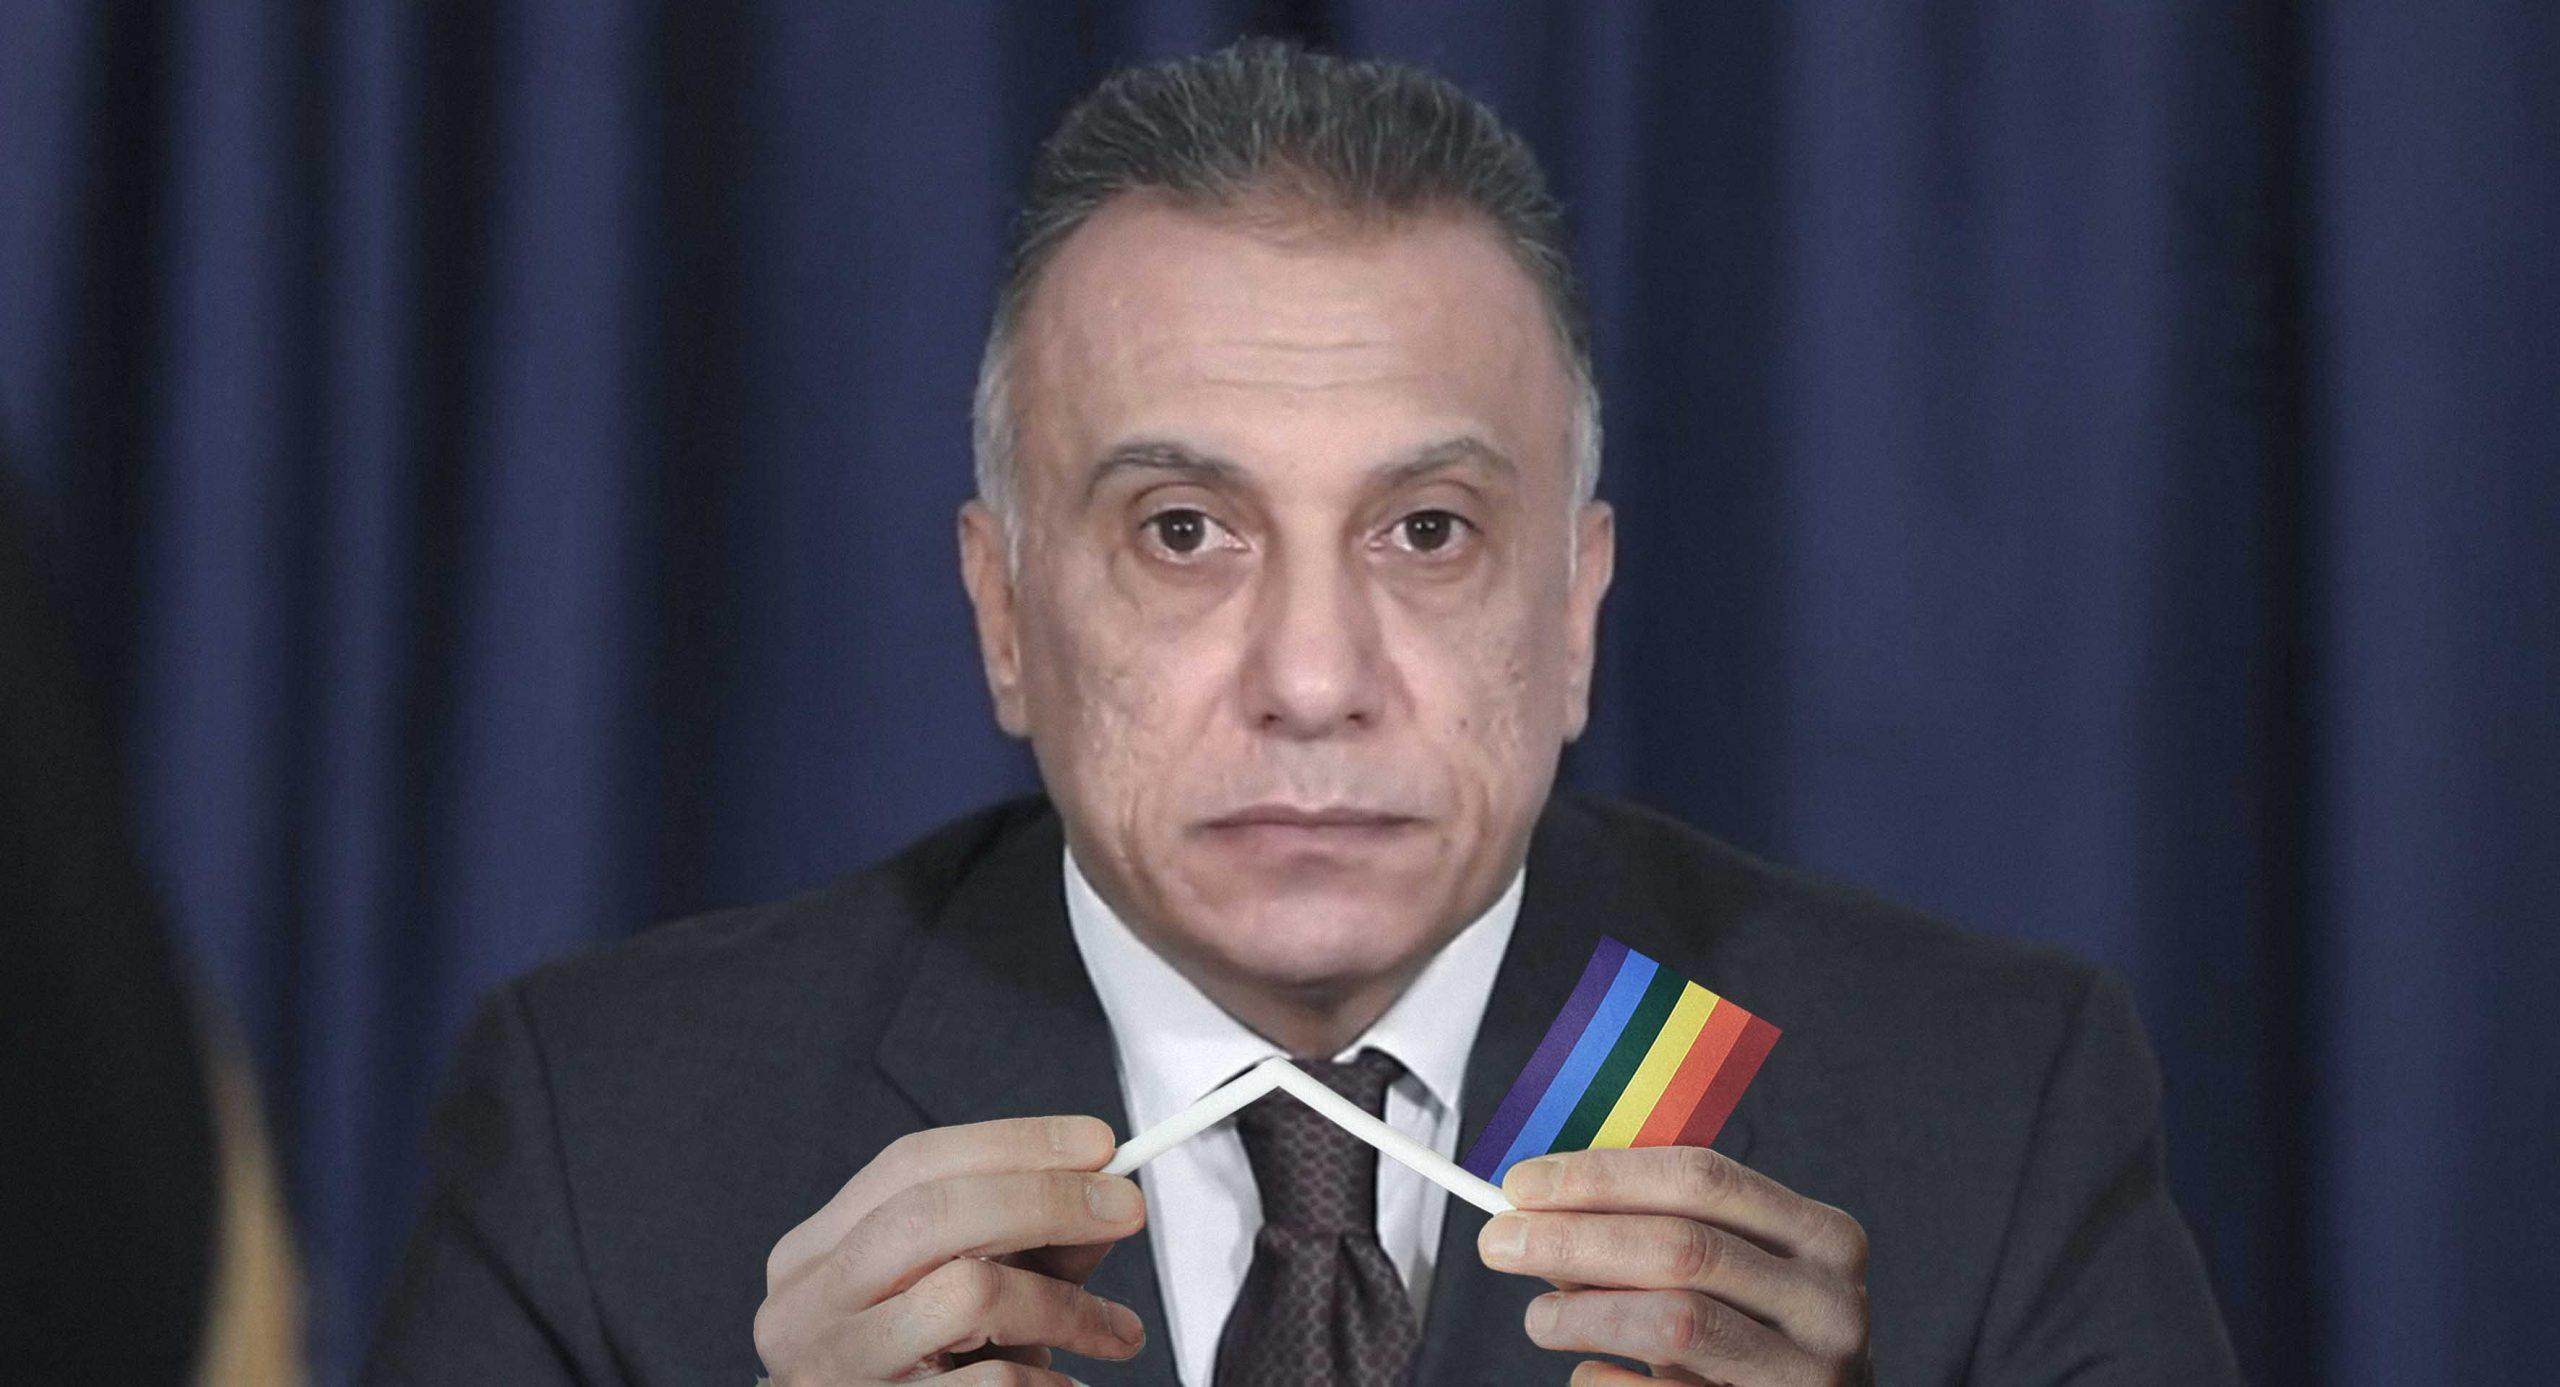 صورة السلطات العراقية تقرّ يوماً عالمياً لإرهاب المثليين رداً على وجود يوم عالمي ضد رهاب المثلية